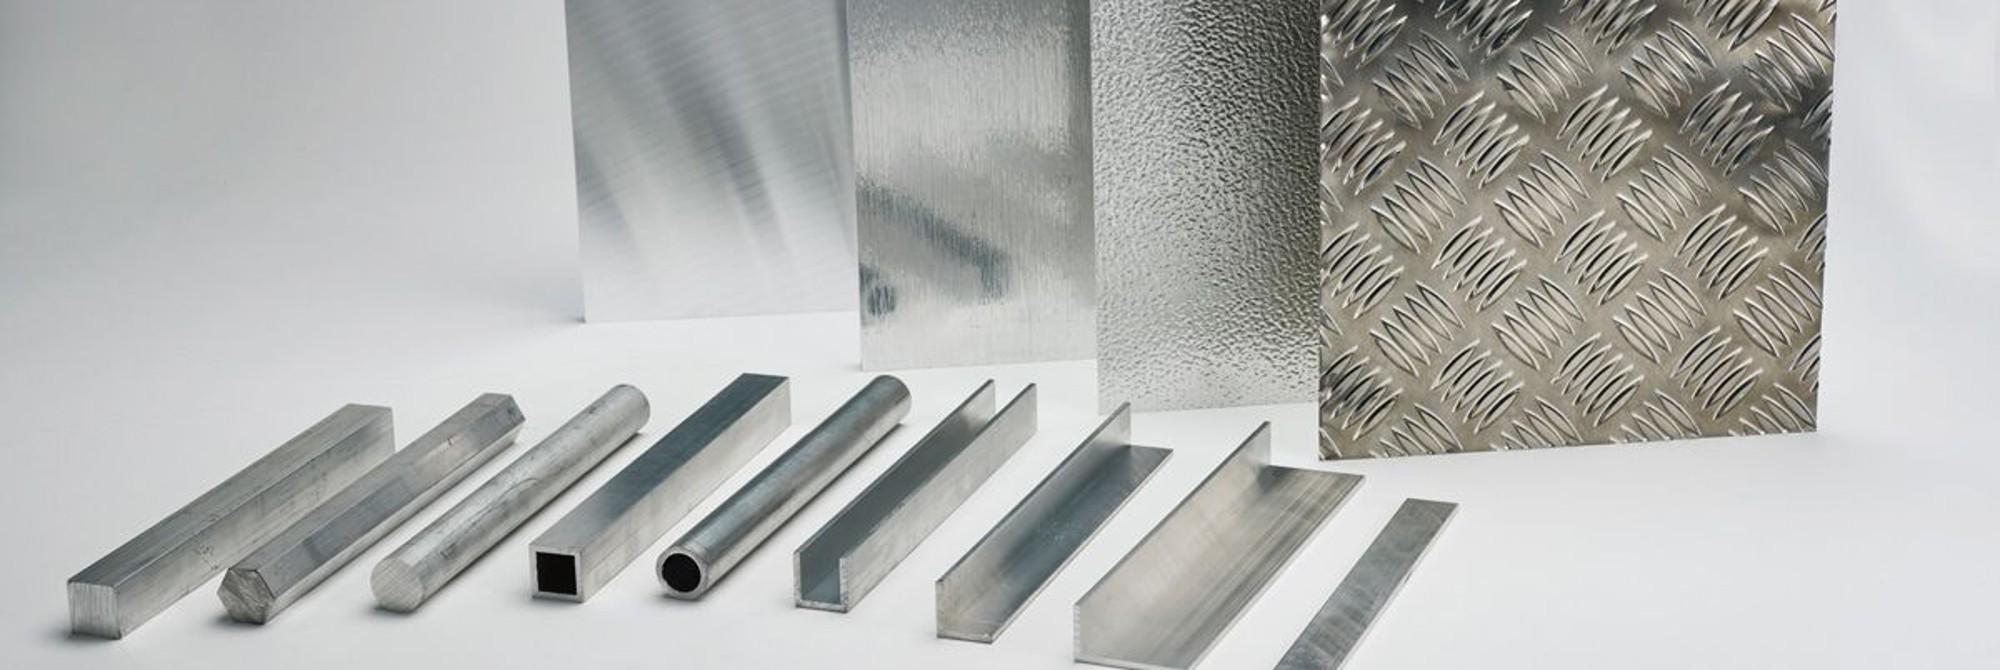 Aluminium surface finishes